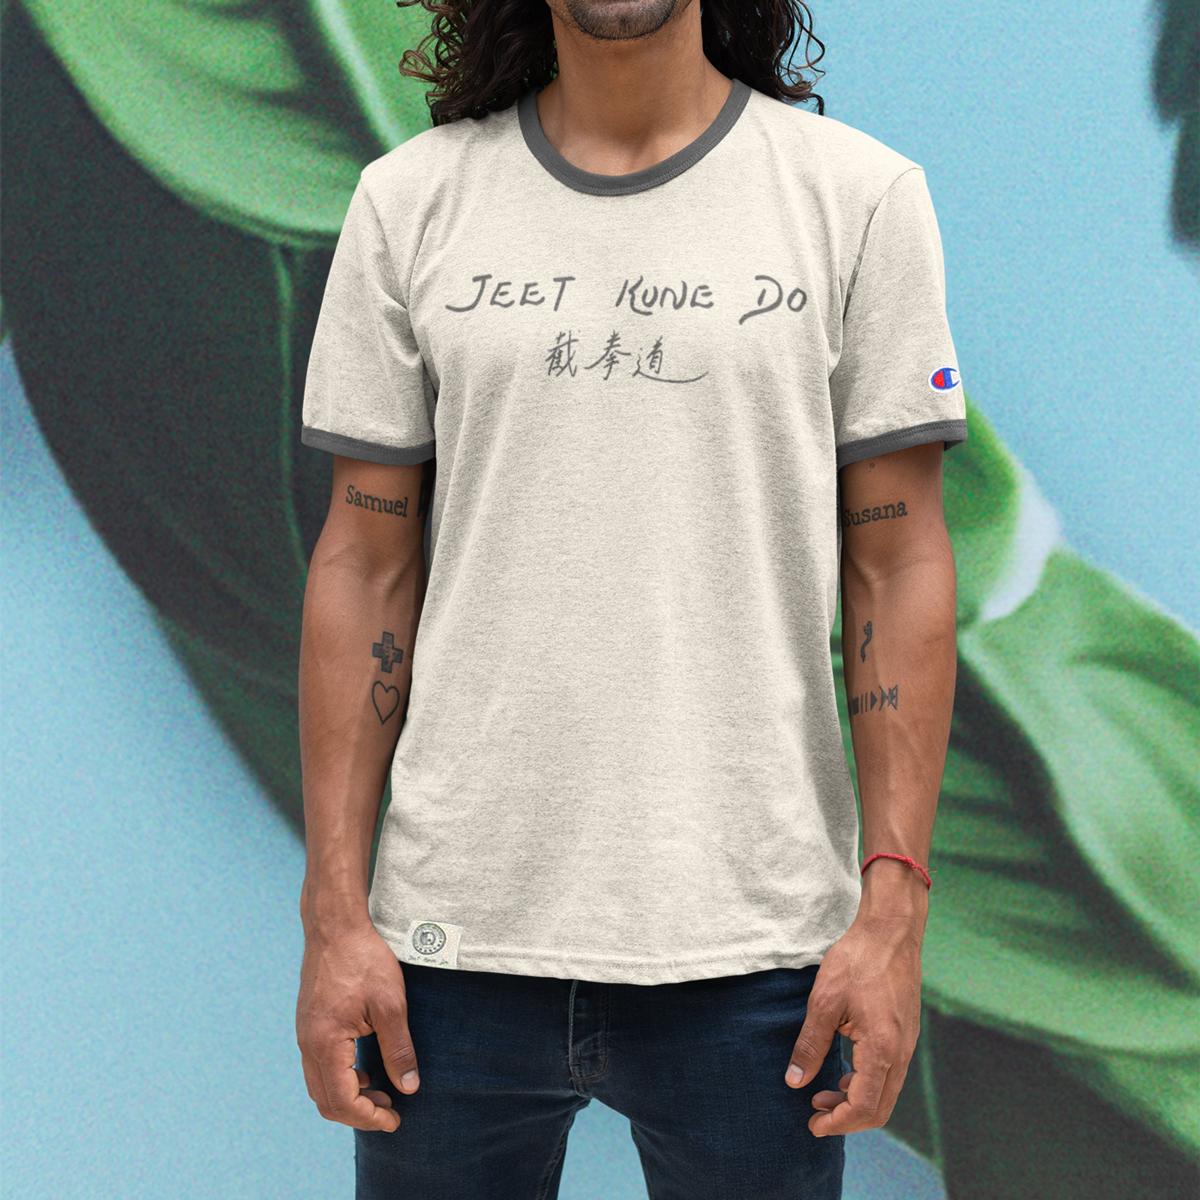 JKD Origins Champion Ringer T-shirt